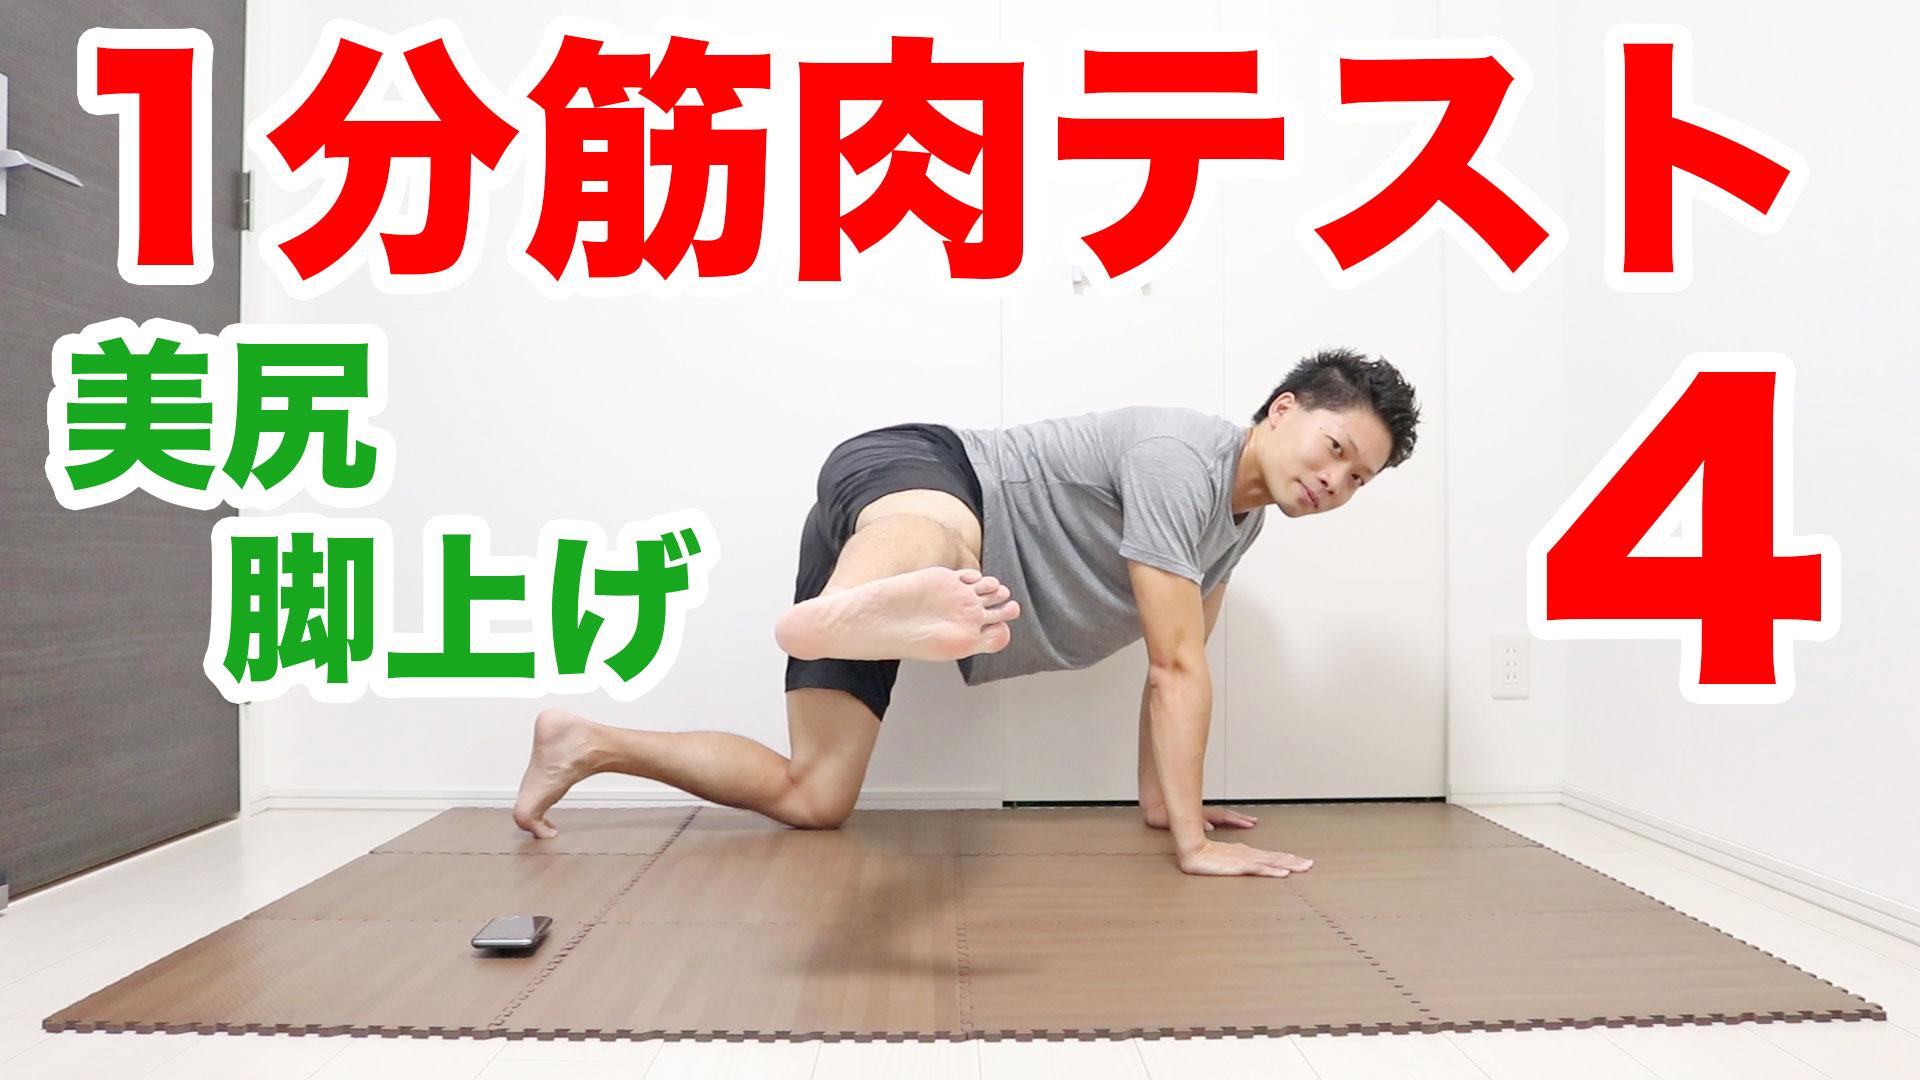 DAY4:美尻脚上げ(1分筋肉テスト)のやり方!あなたの体力レベルが分かります! #1分筋肉テスト